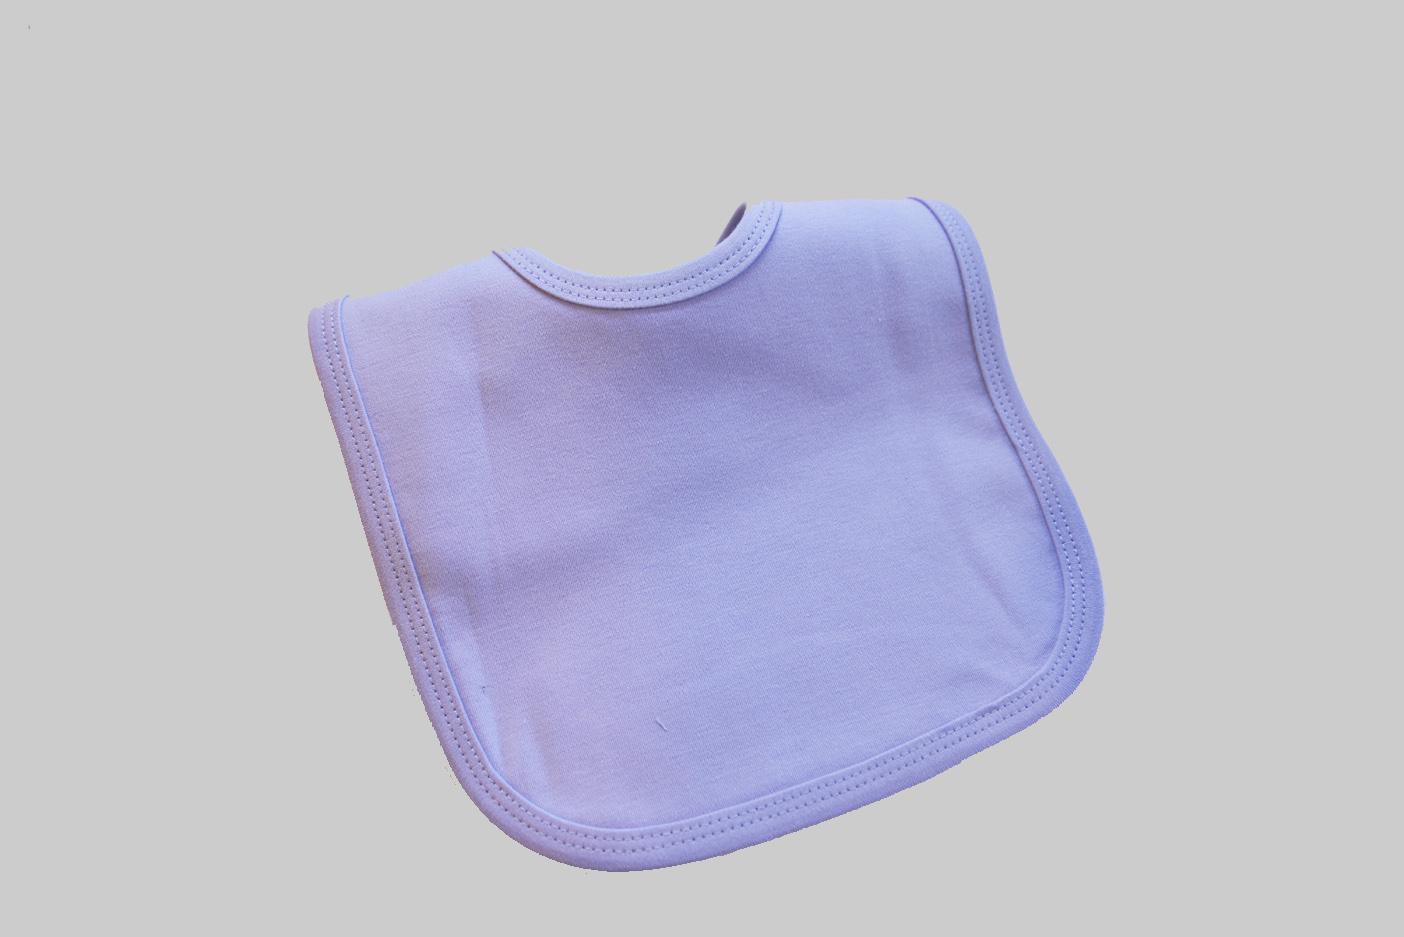 Lavender color baby bib